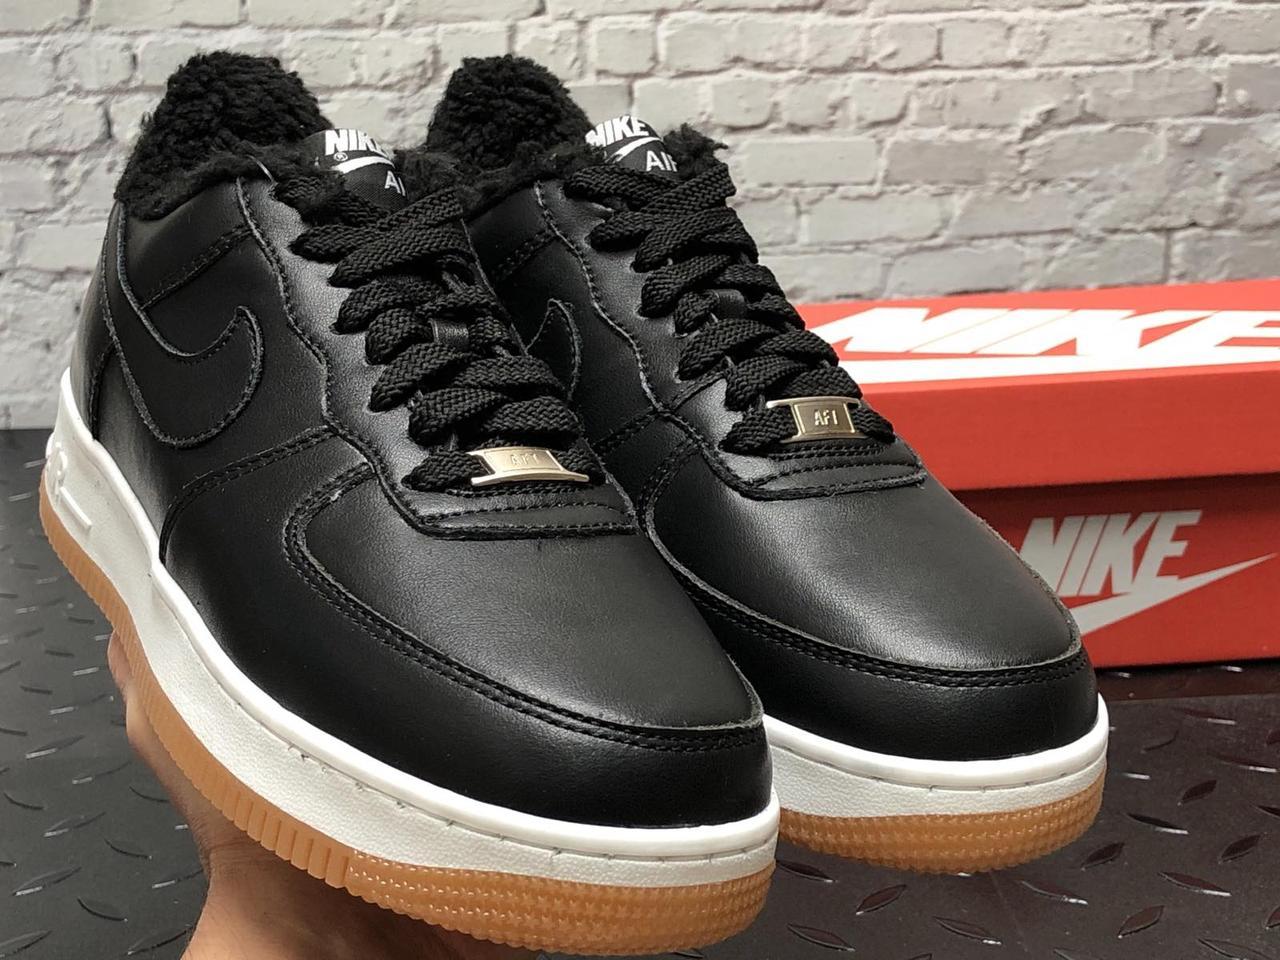 Зимние мужские кроссовки Nike Air Force black с мехом. ТОП Реплика ААА класса.